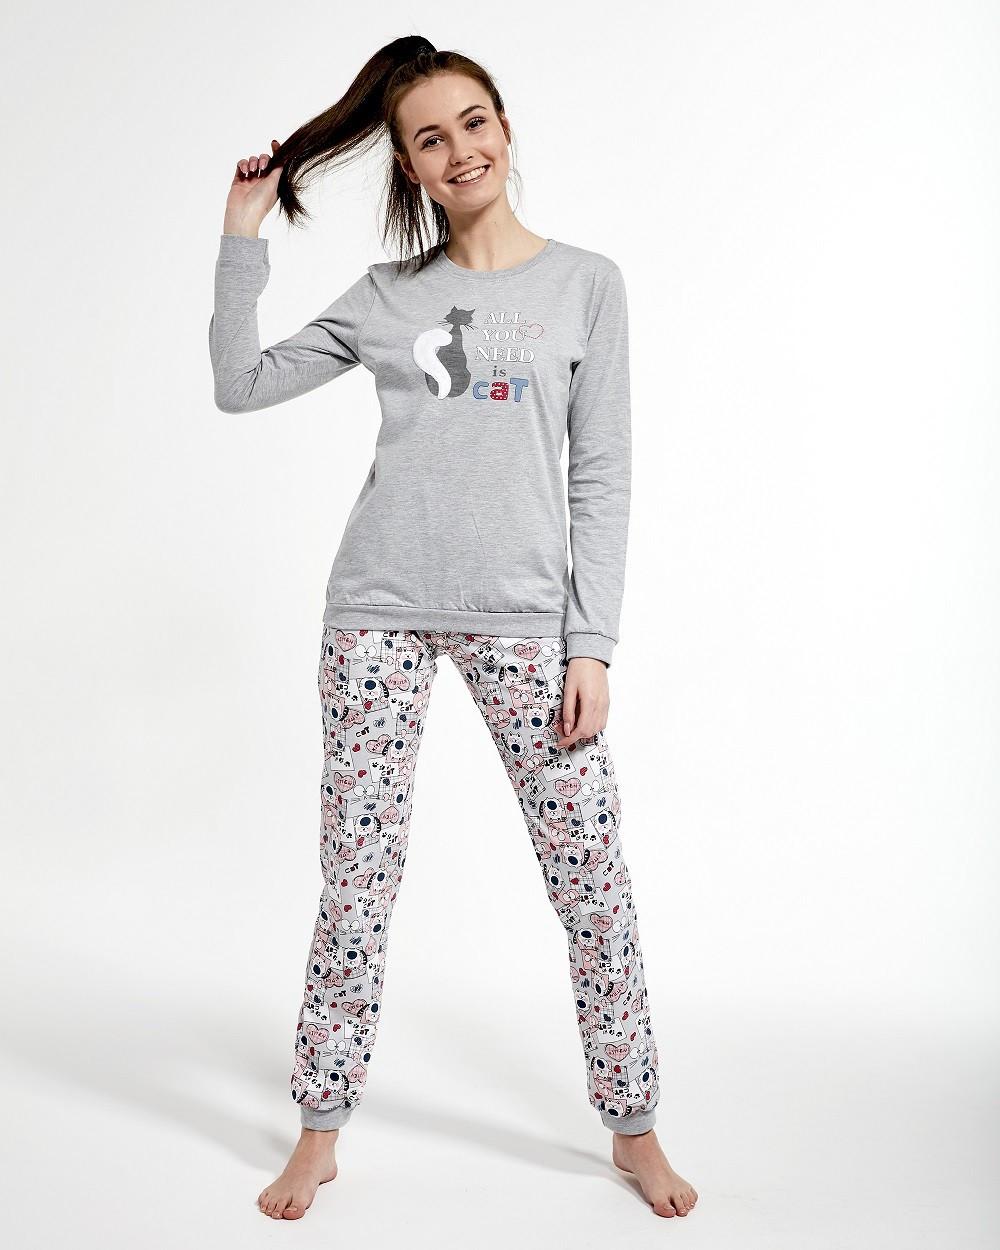 Пижама для девочки - подростка. Польша.Cornette 274/35 BLACK CAT